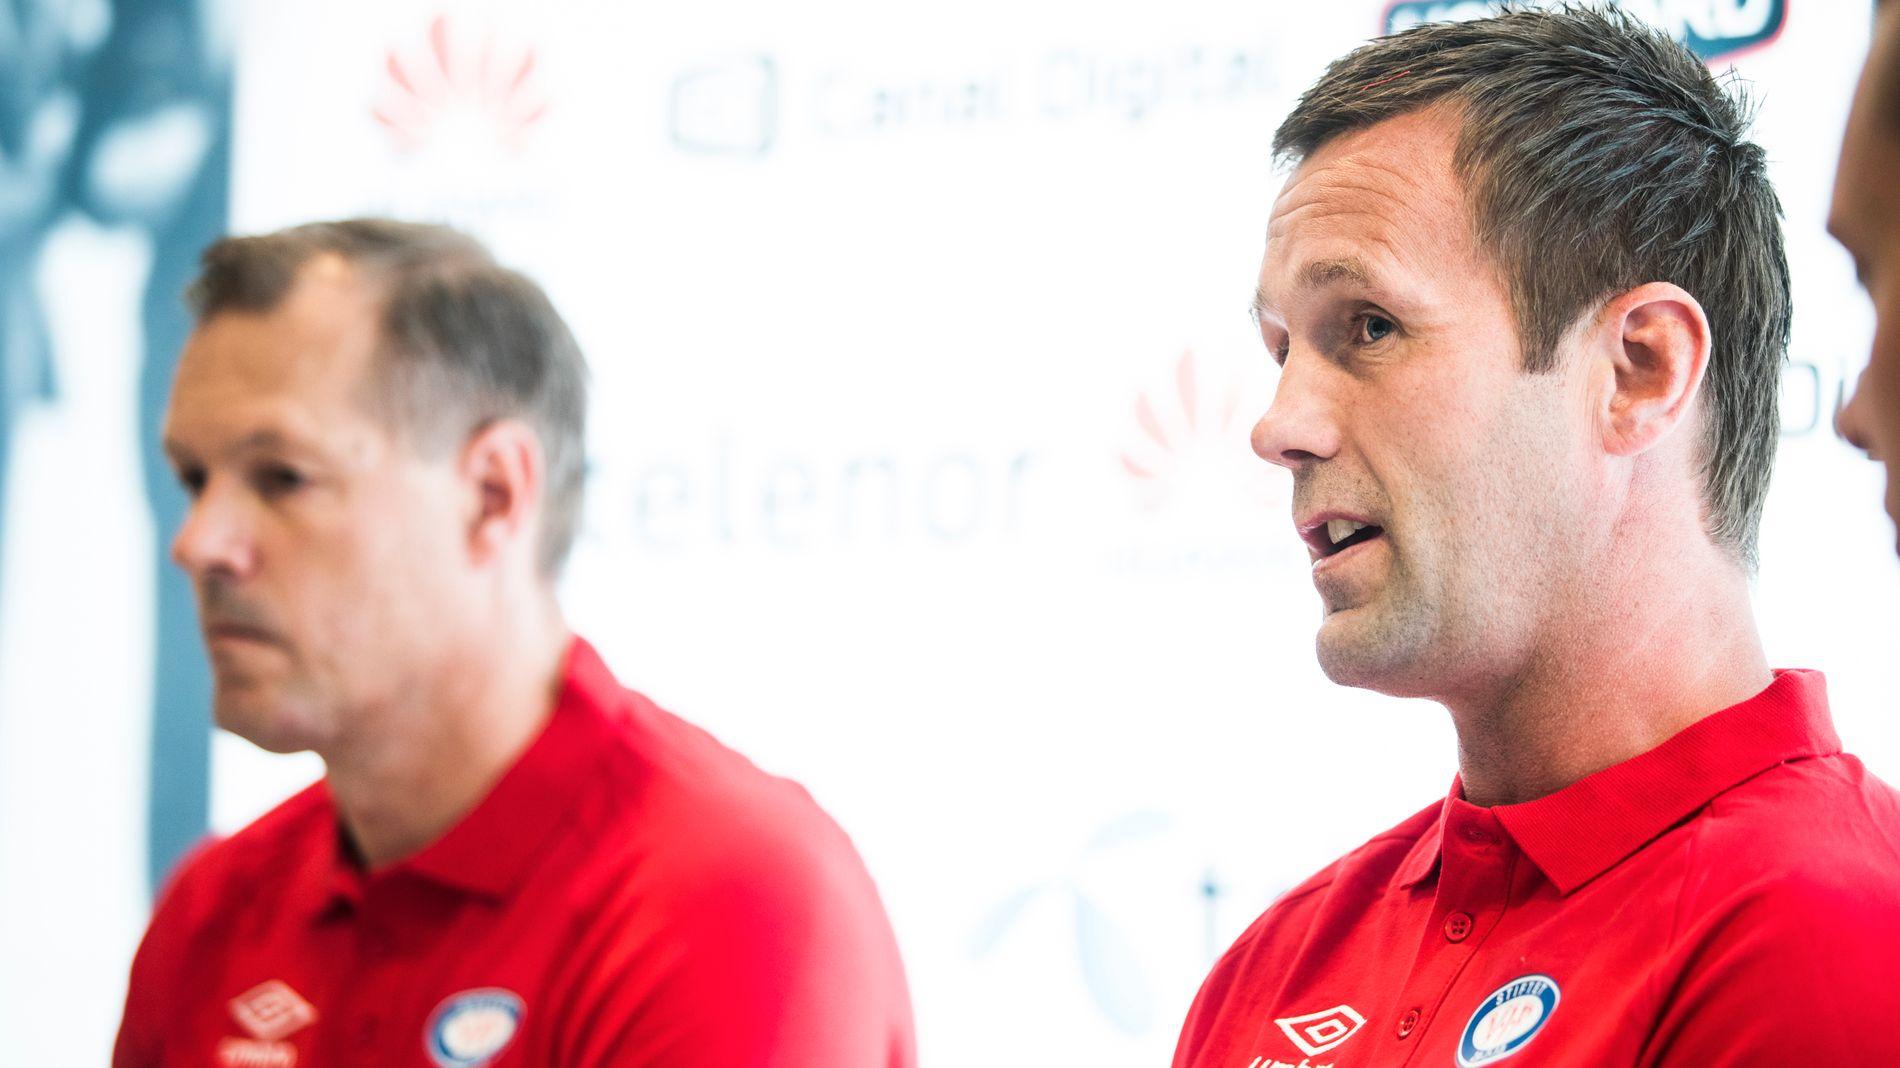 BYTTER ROLLER: Ronny Deila (til høyre) blir ny trener i Vålerenga mens Kjetil Rekdal blir sportssjef i klubben. Her fra en pressekonferanse på Vallhall Arena.